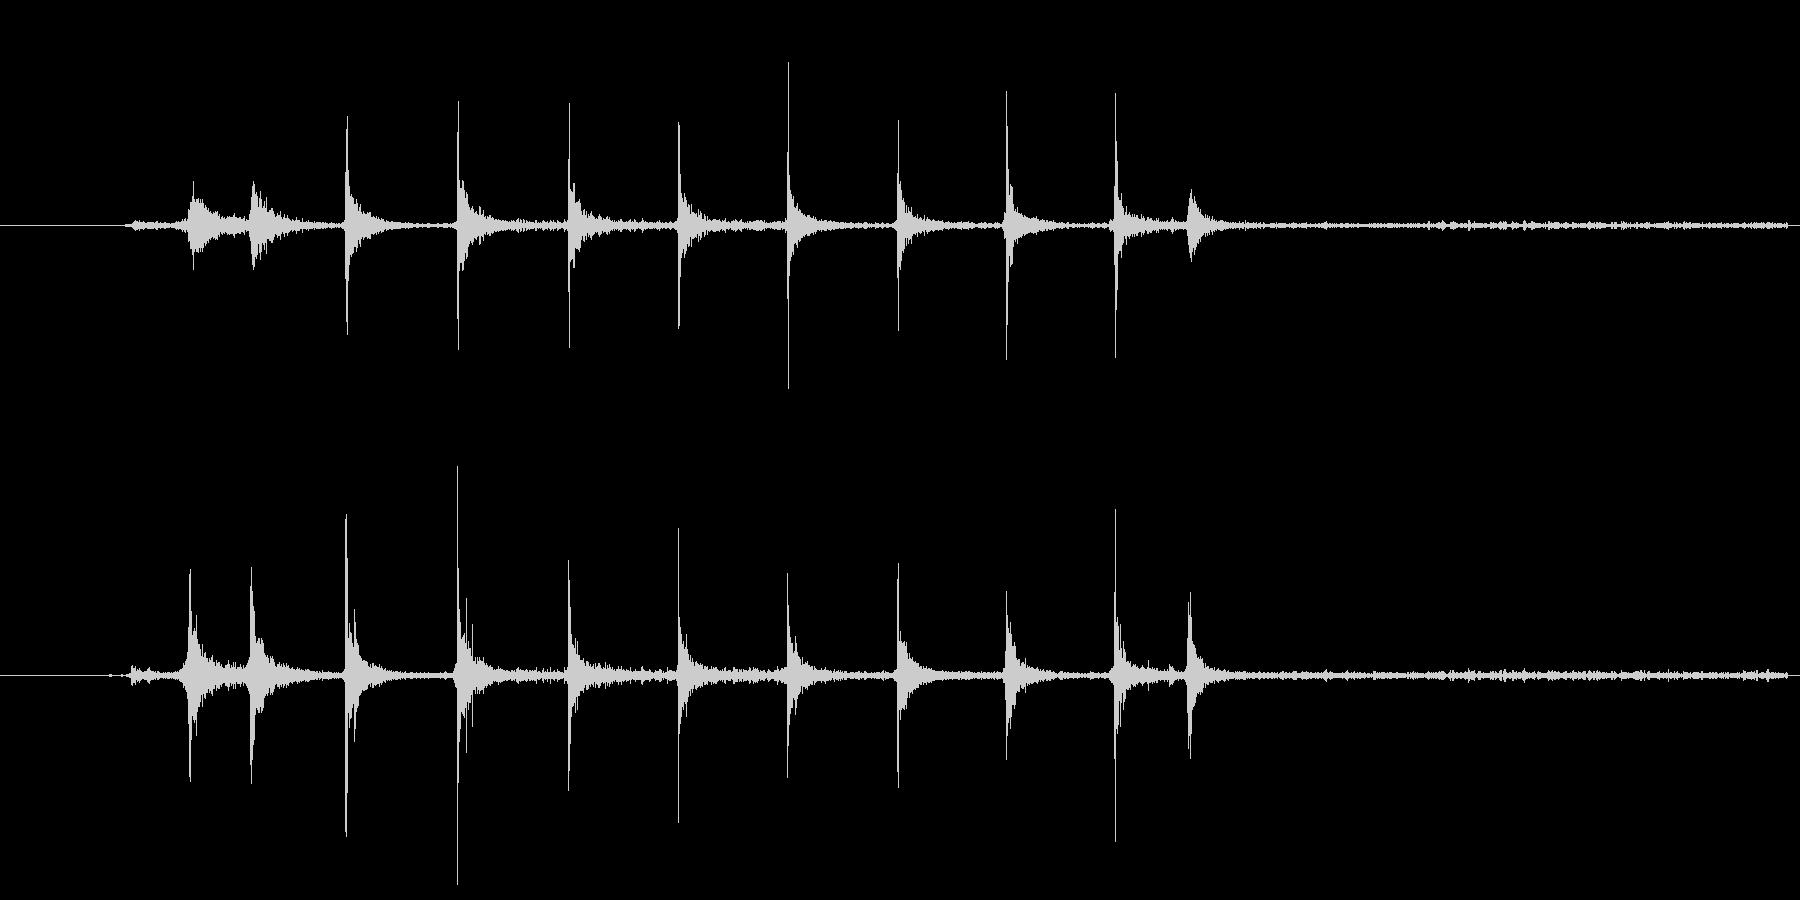 ガスコンロの着火音の未再生の波形